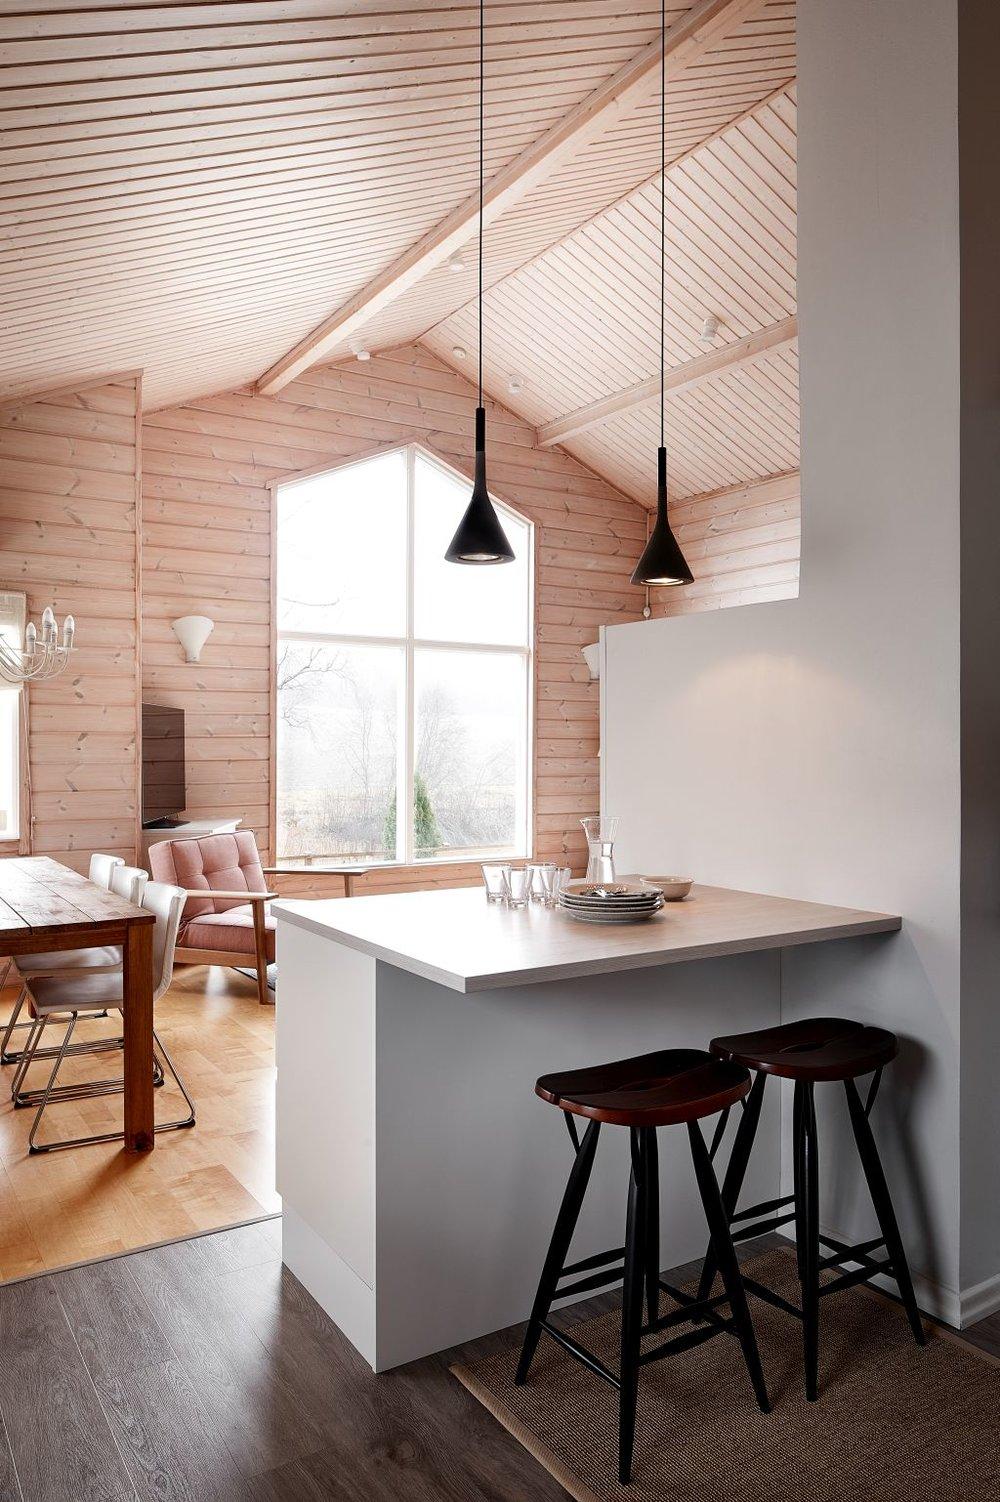 interior-anna-koponen-04 p.jpg